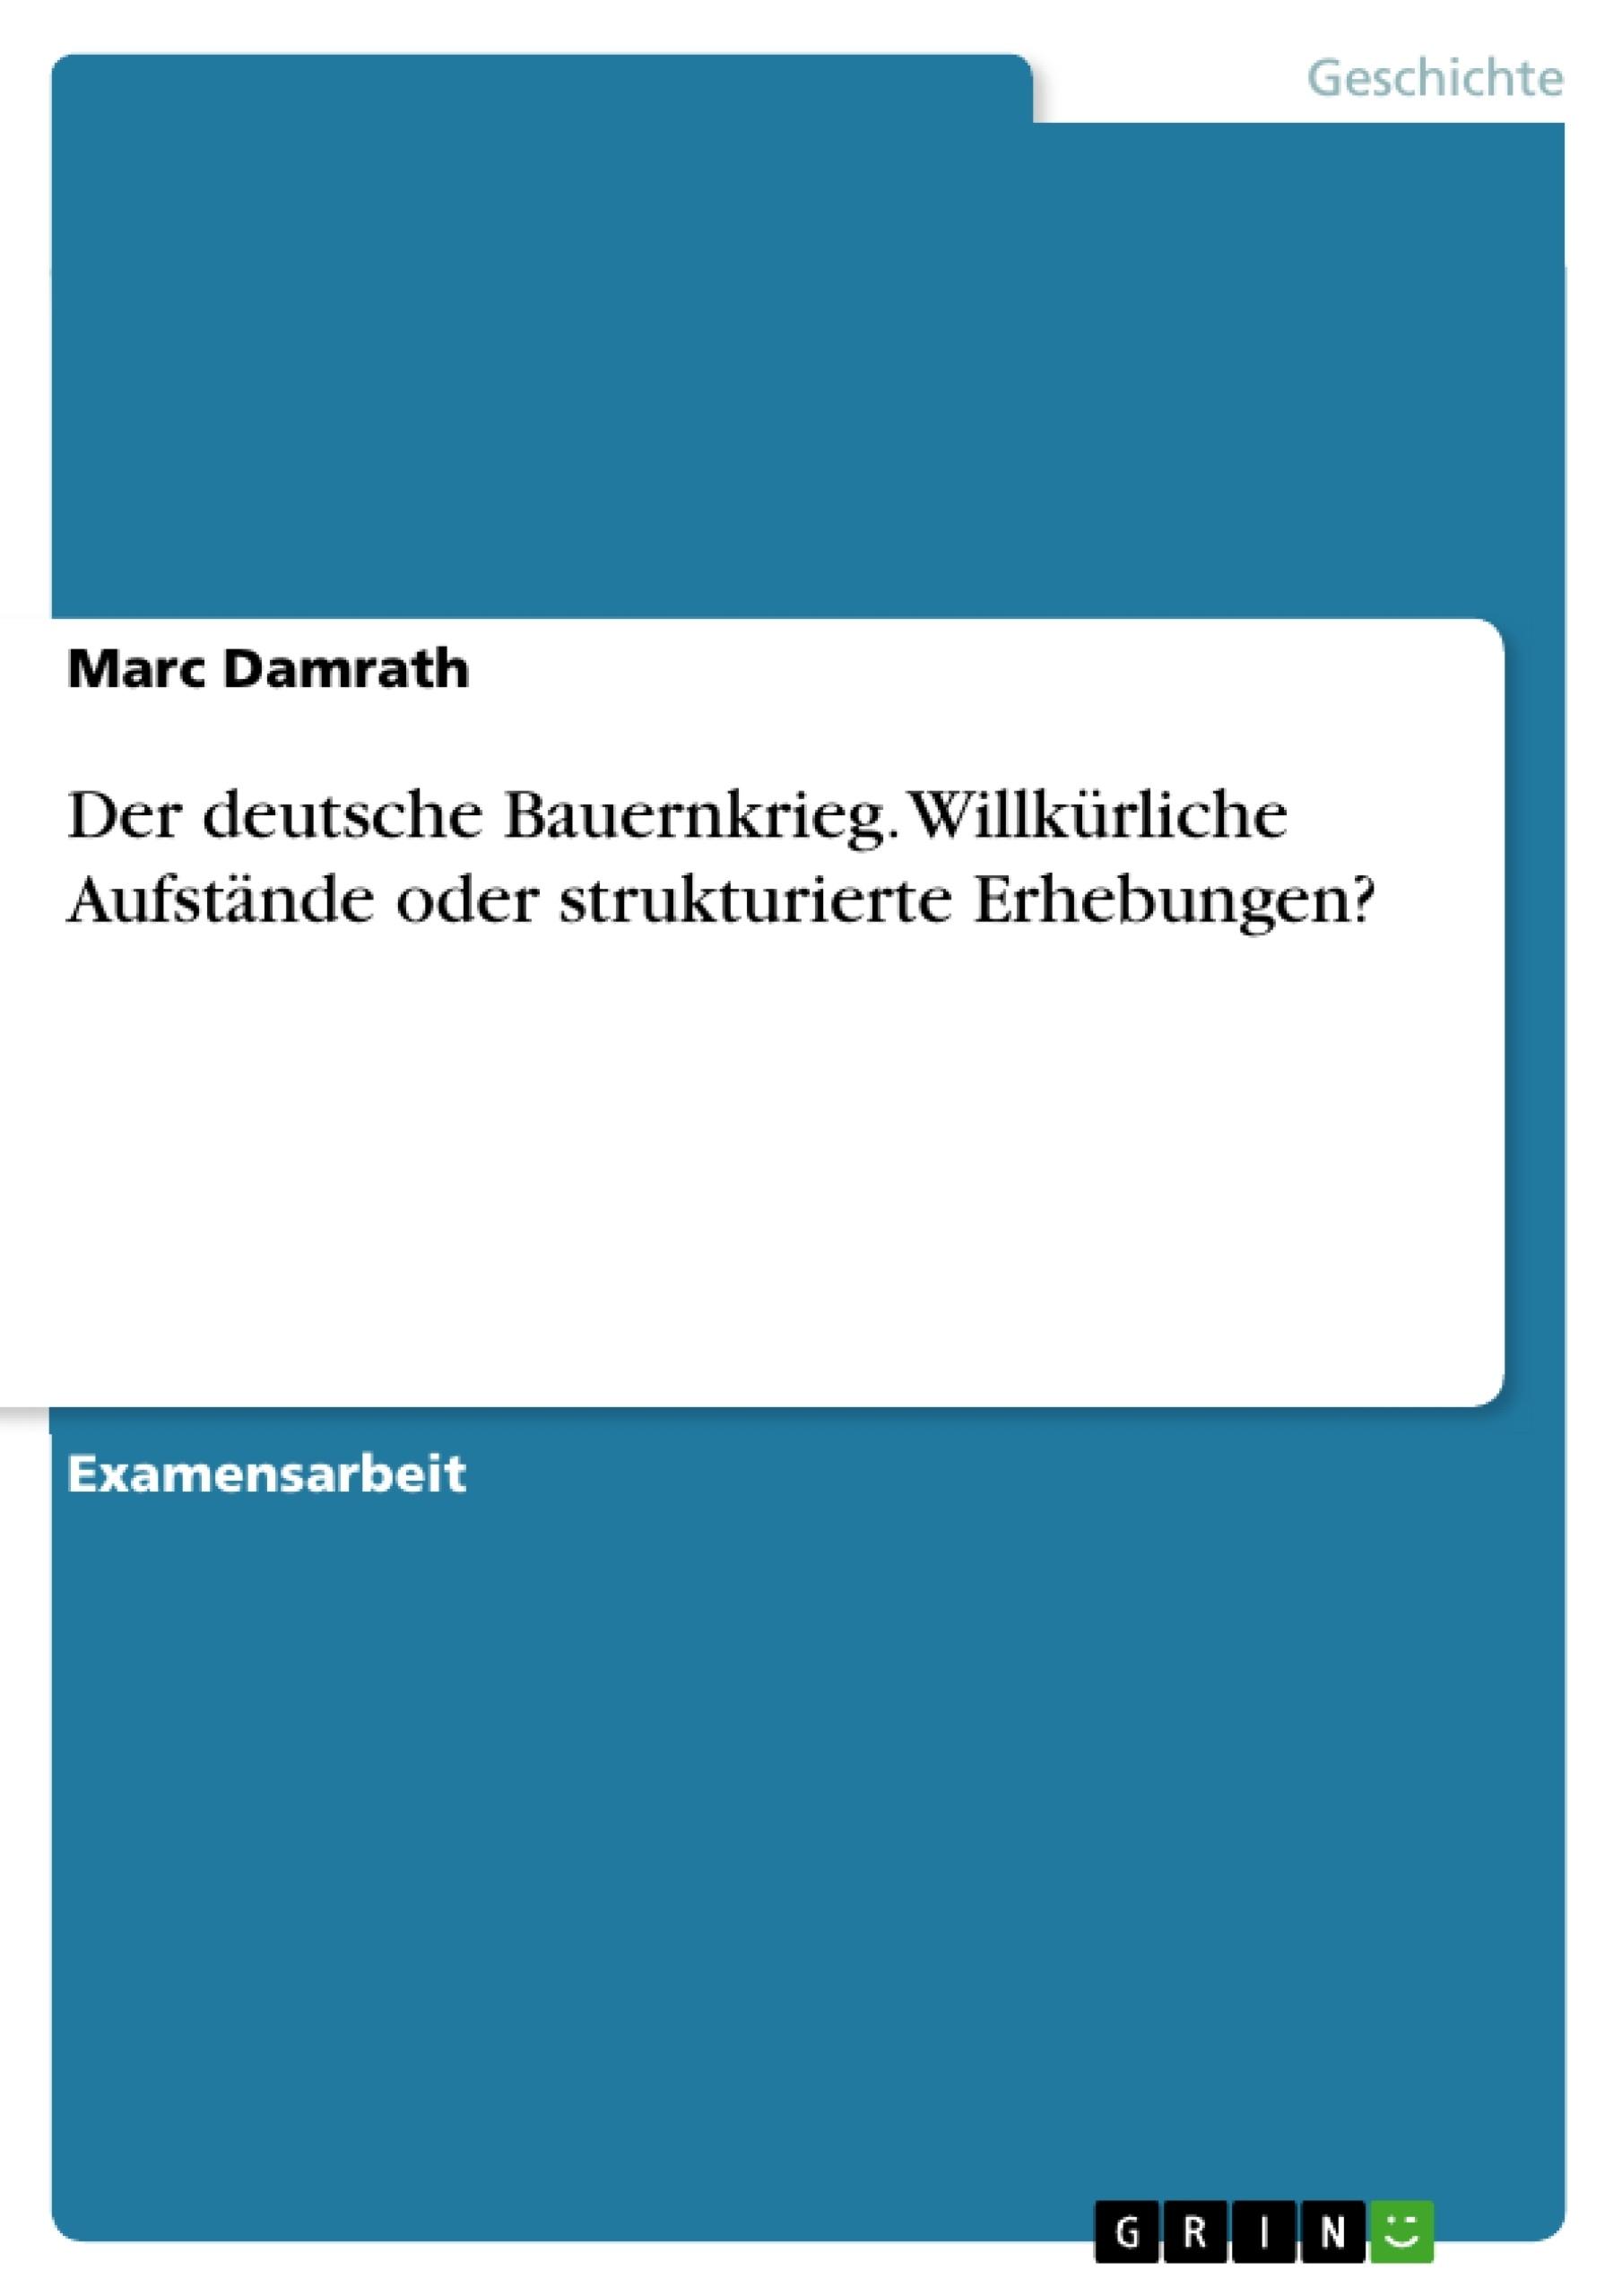 Titel: Der deutsche Bauernkrieg. Willkürliche Aufstände oder strukturierte Erhebungen?